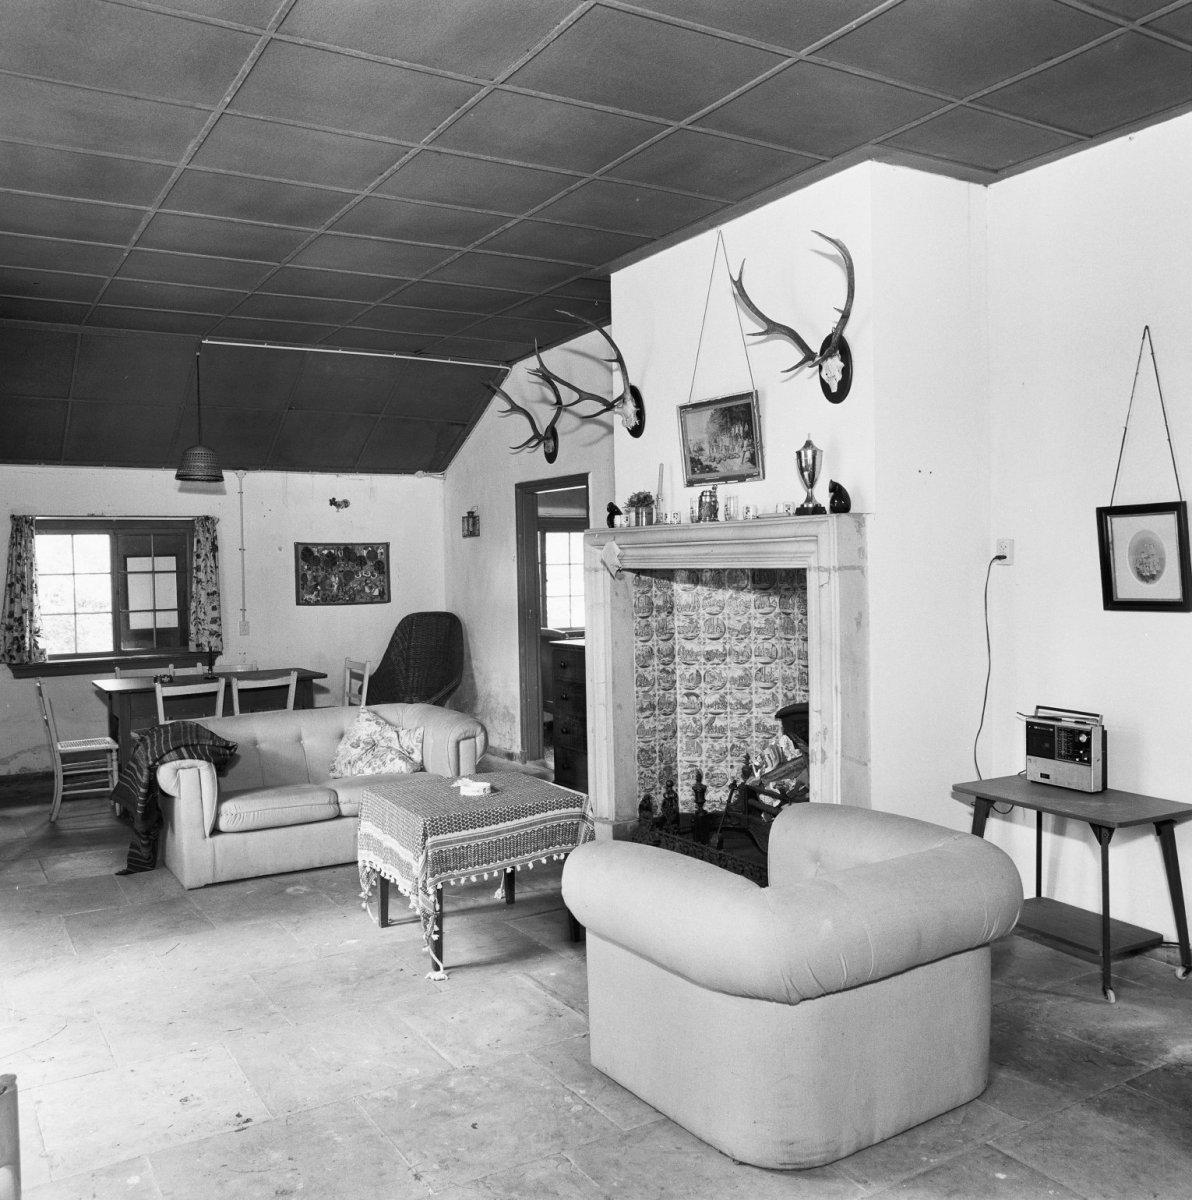 File interieur engelse huis overzicht ambt delden 20274464 wikimedia commons - Huis exterieur ...